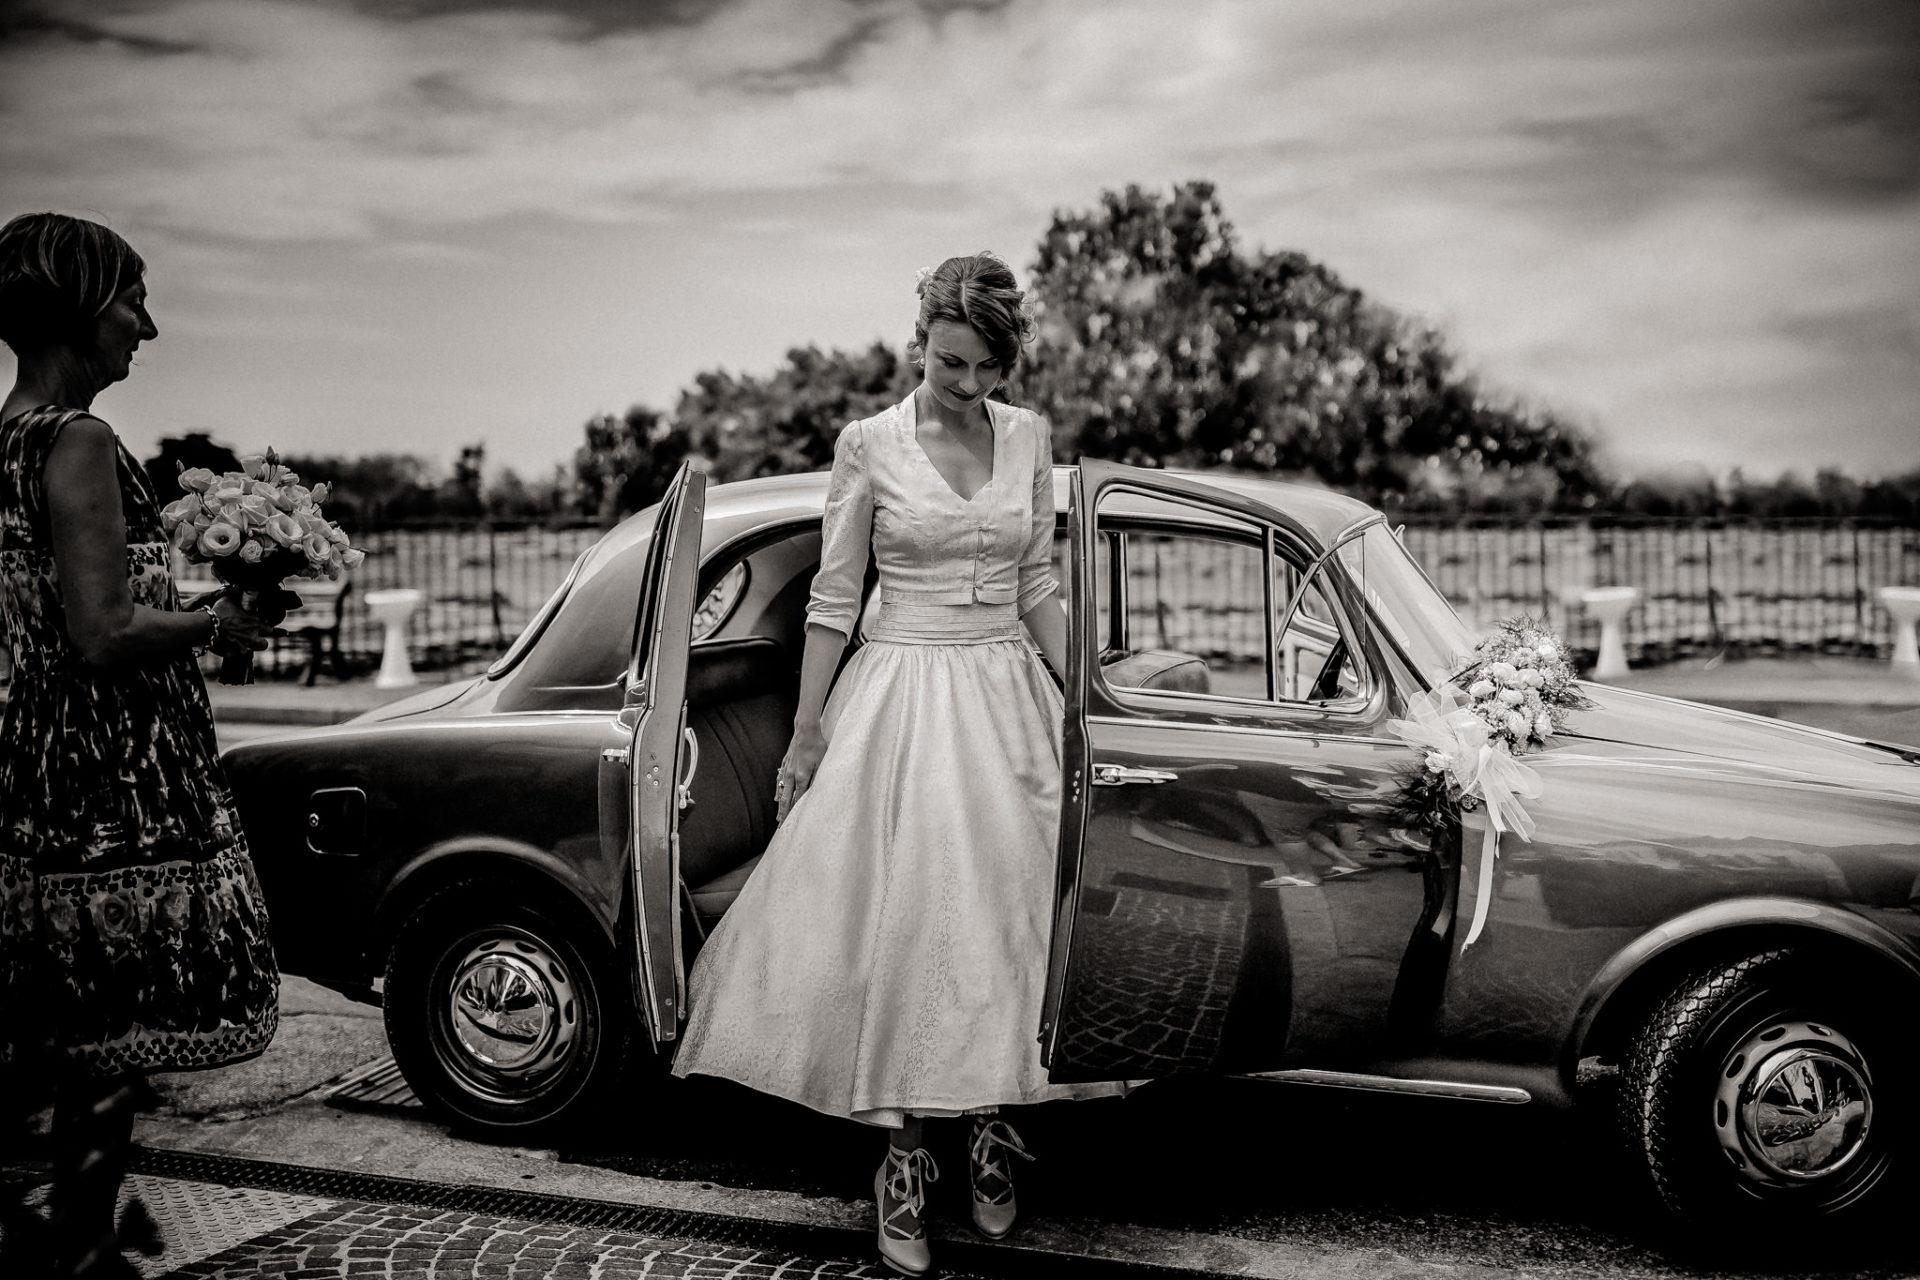 Hochzeitsfotograf Amalfi Küste-heiraten Italien-Paestum Hochzeit-Brautauto oldtimer